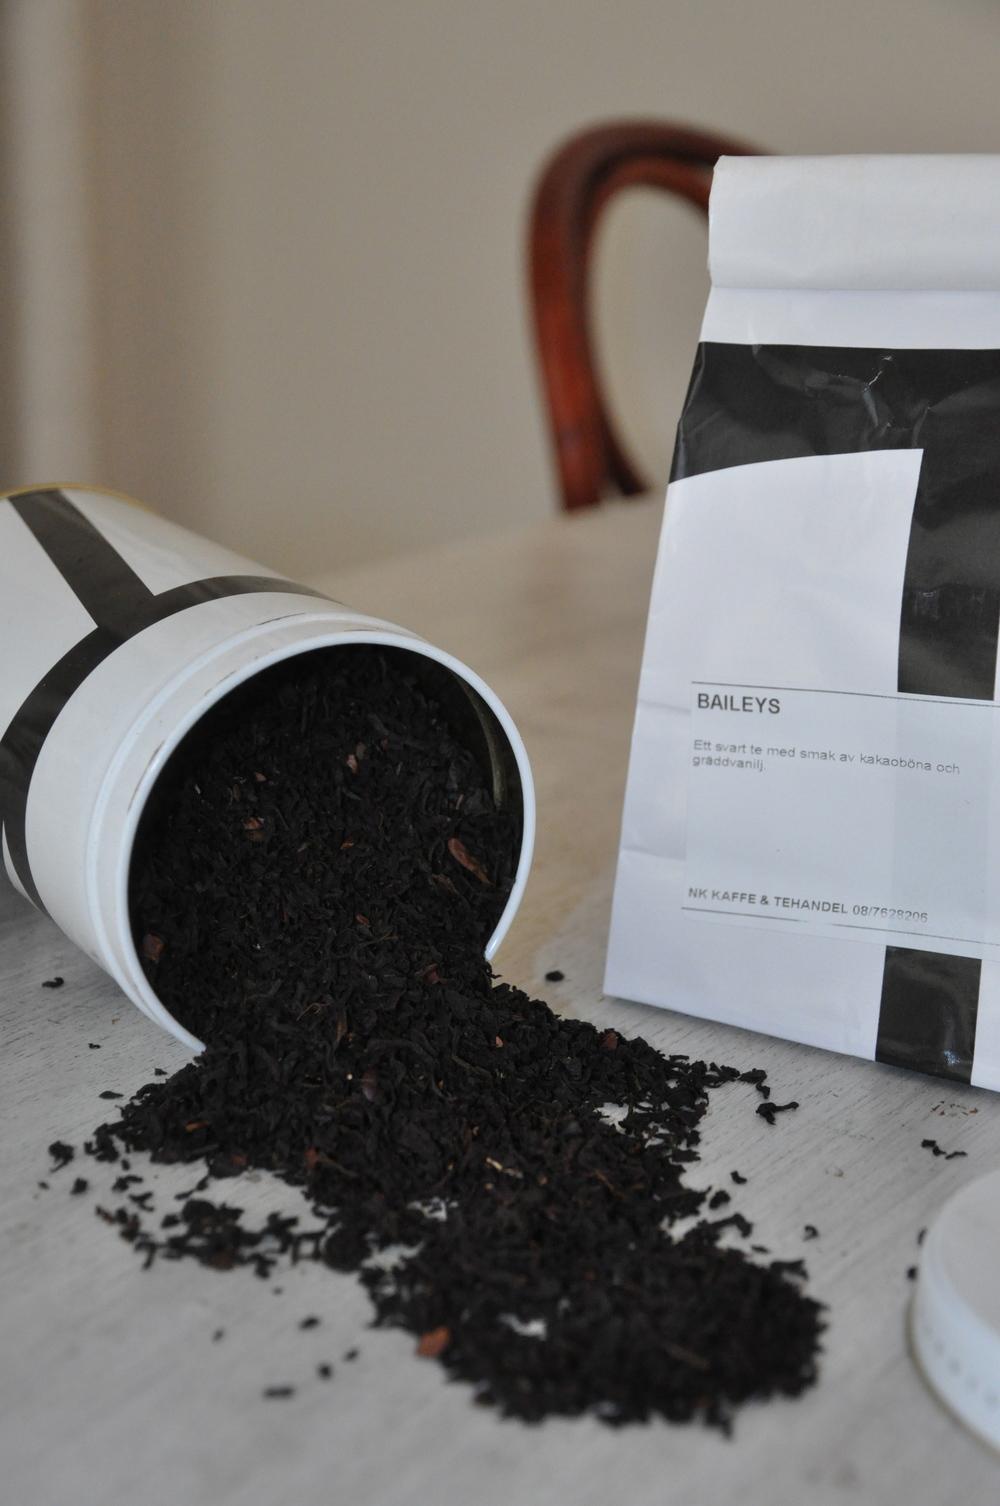 Baileys-te från NK i en cylinderformadburk från NK, som tyvärr inte tillverkas längre   Foto:  Palatsliv